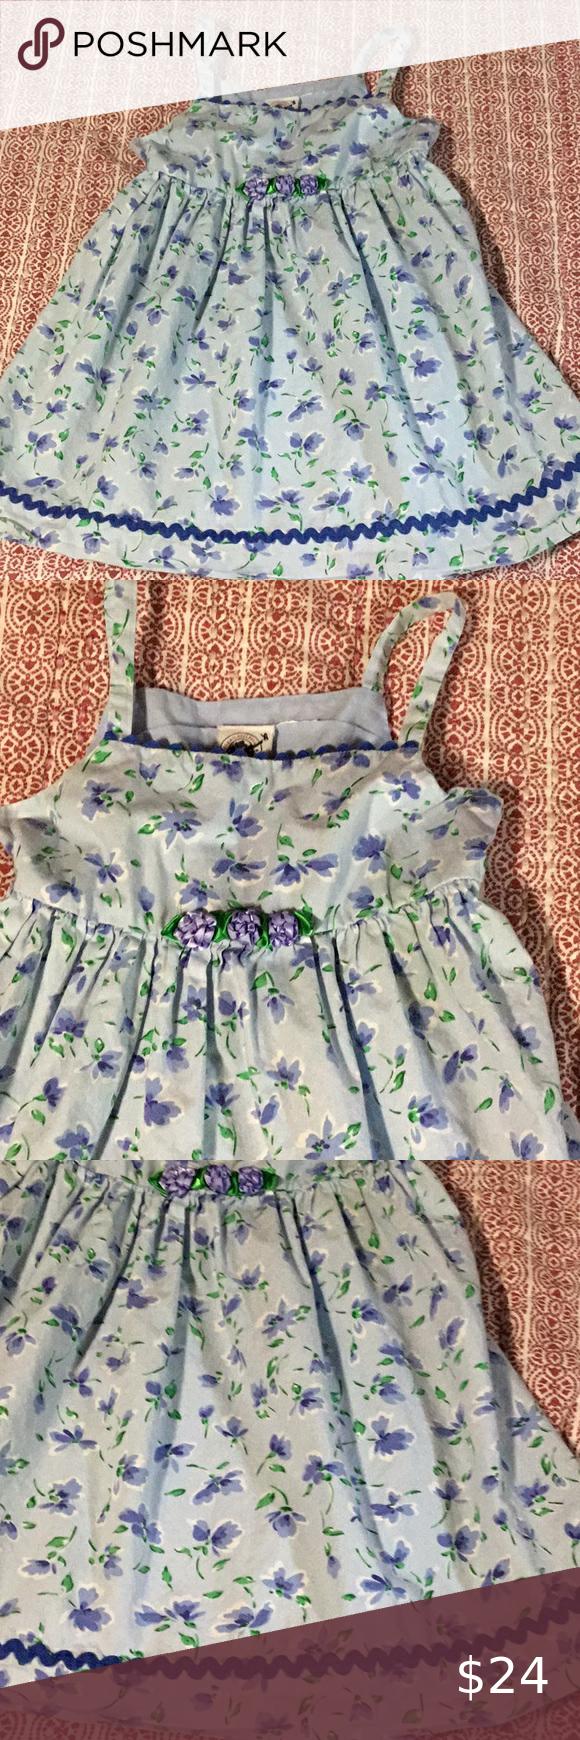 Good Lad Girls Vintage Summer Dress Vintage Summer Dresses Vintage Summer Summer Dresses [ 1740 x 580 Pixel ]